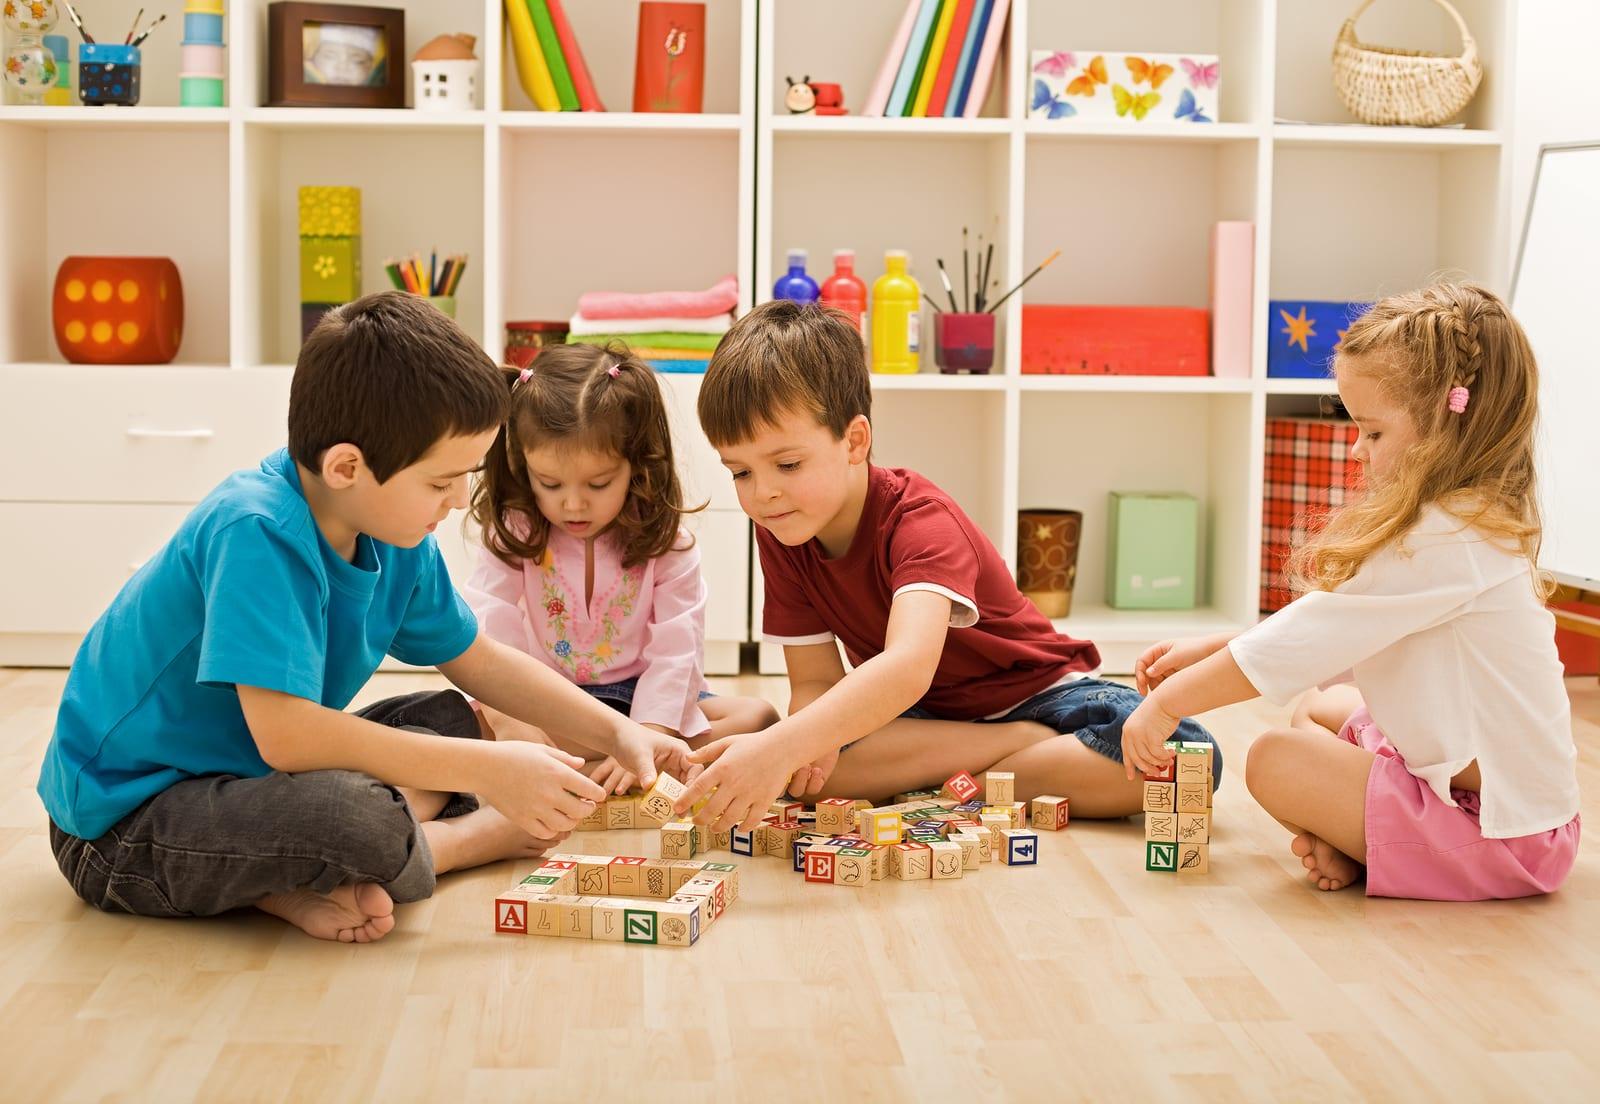 ألعاب جماعية للأطفال